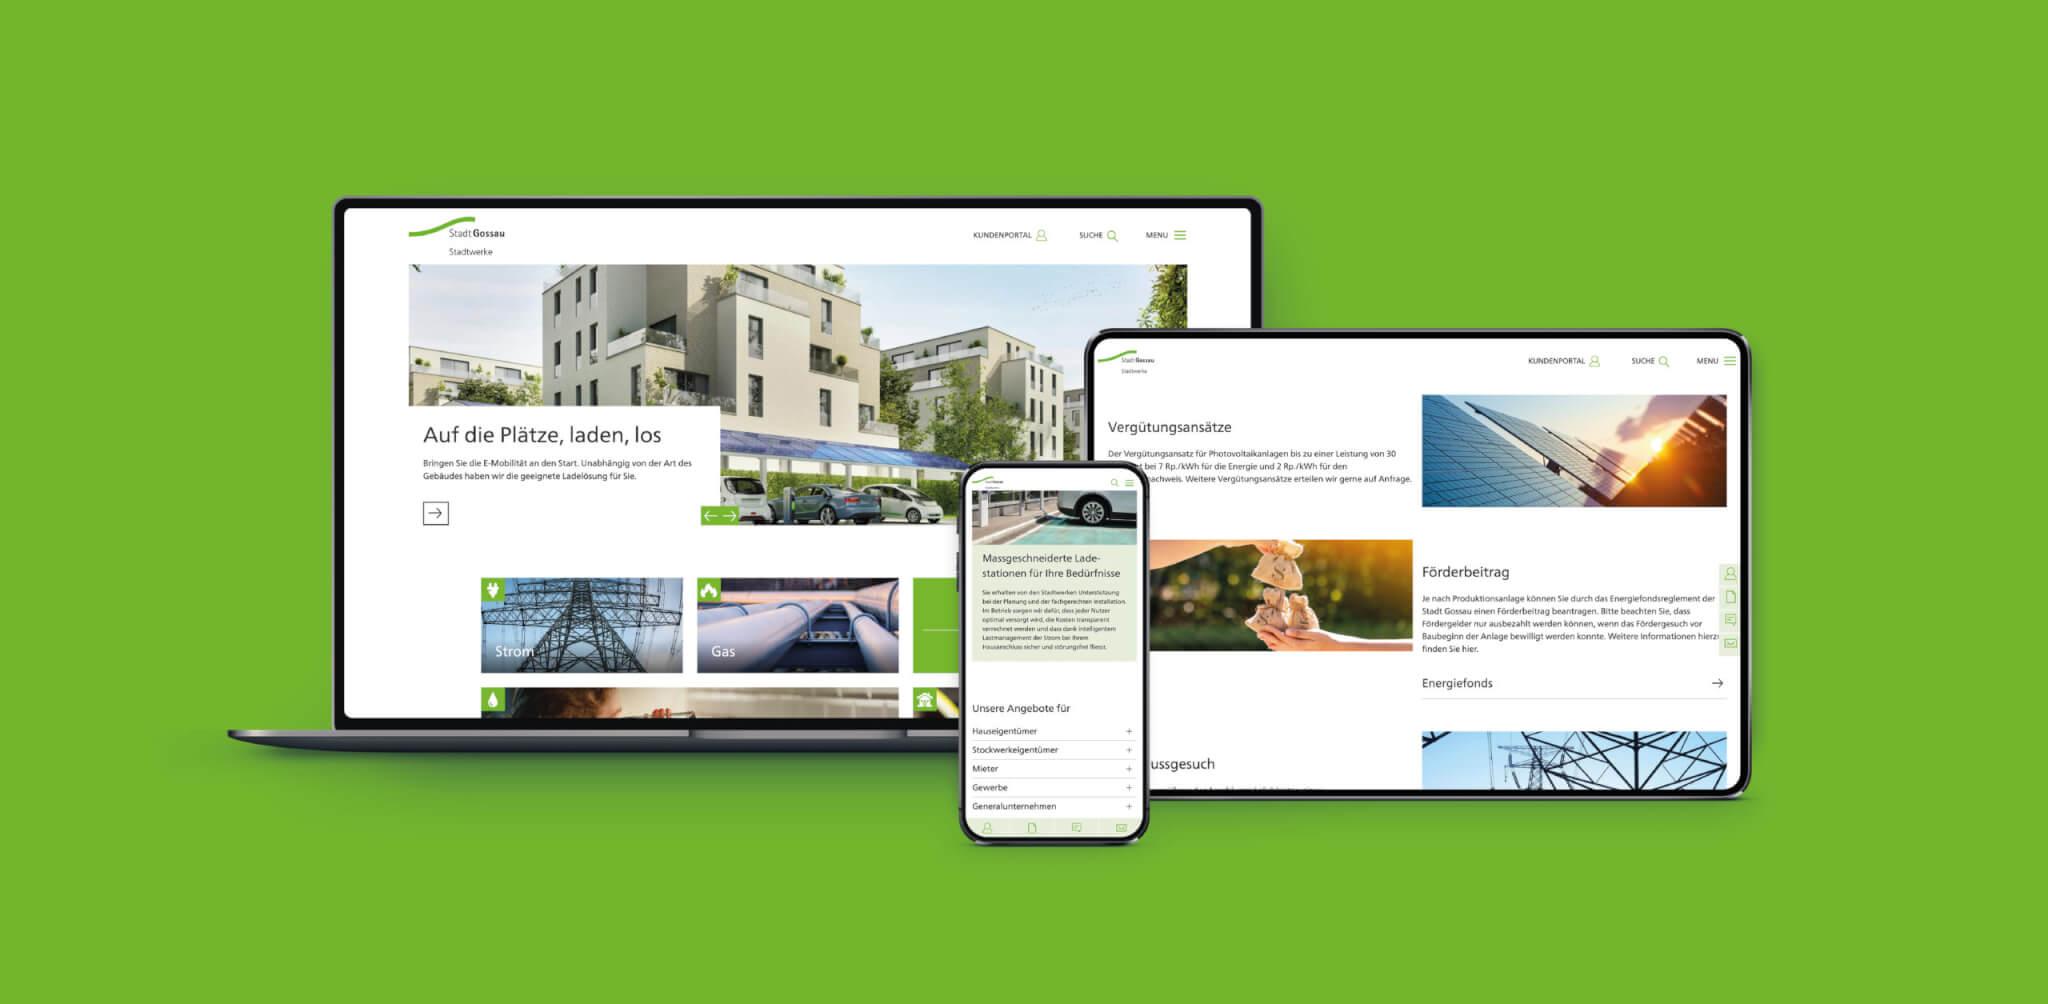 Startseite Projekte Stadtwerke Gossau